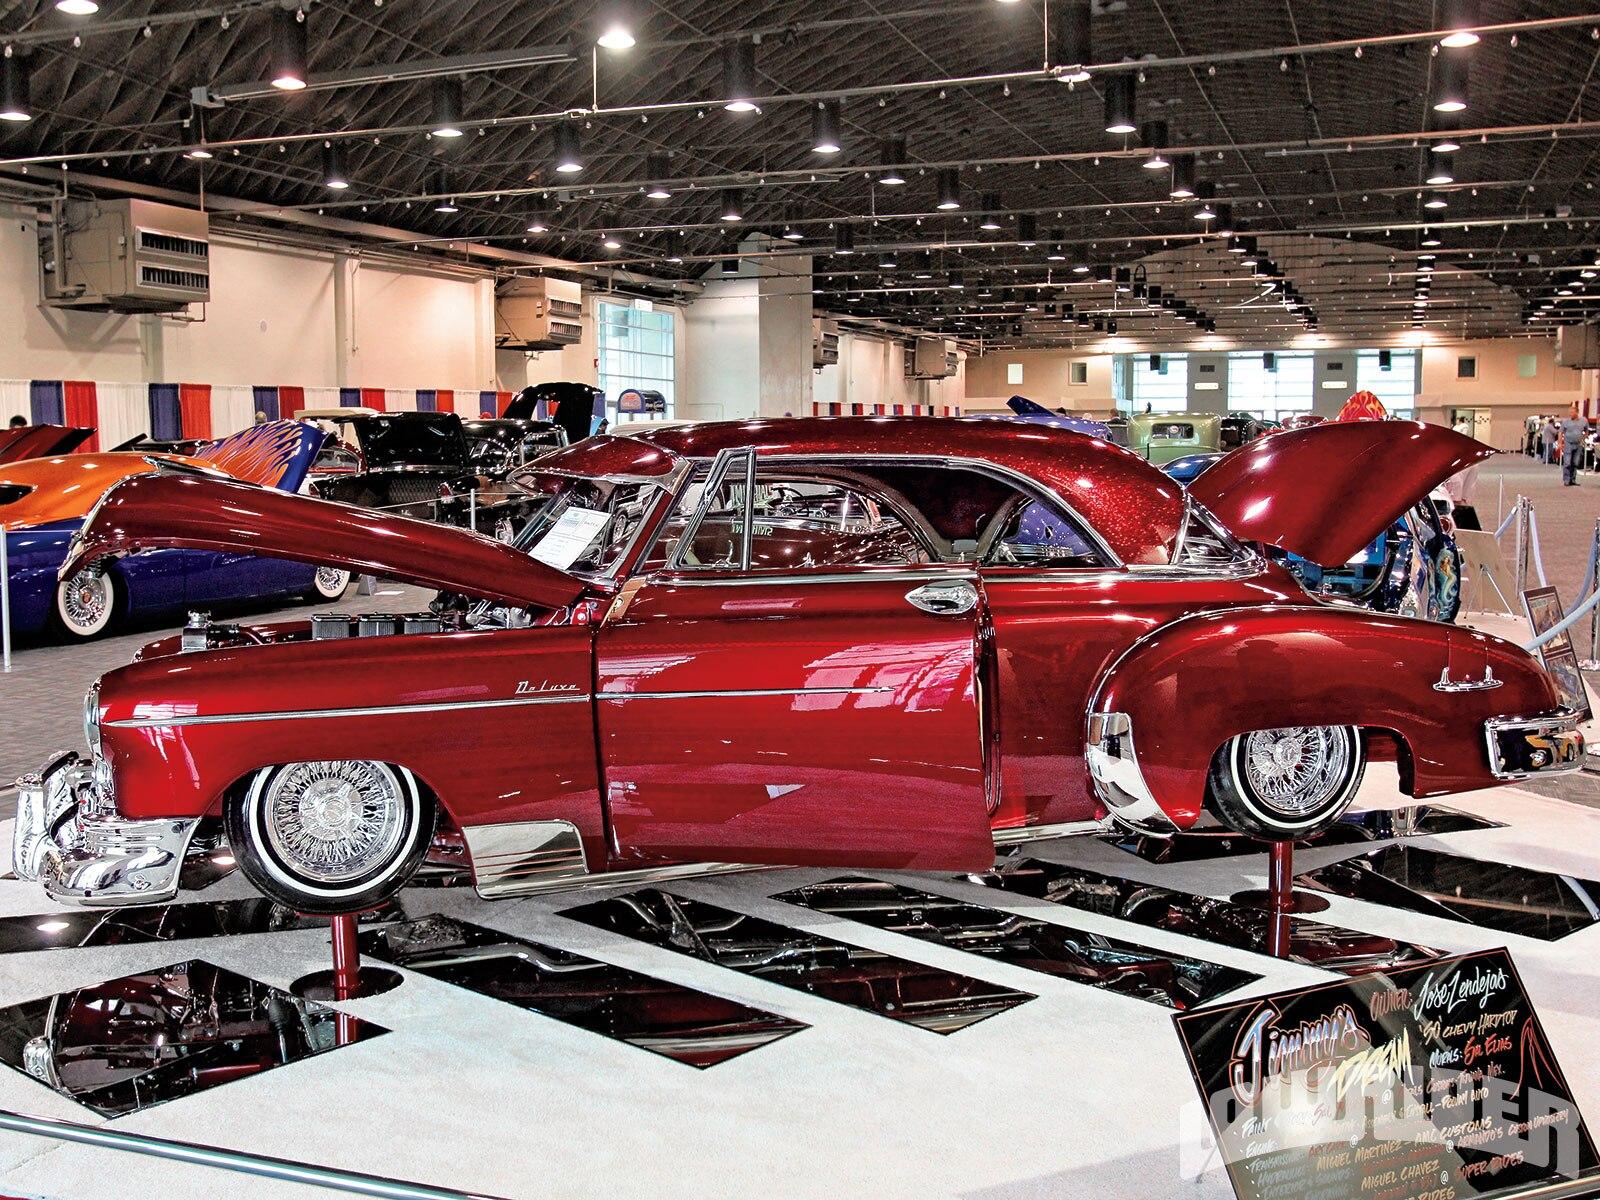 2013-pomona-roadster-show-1950-chevrolet-hardtop1